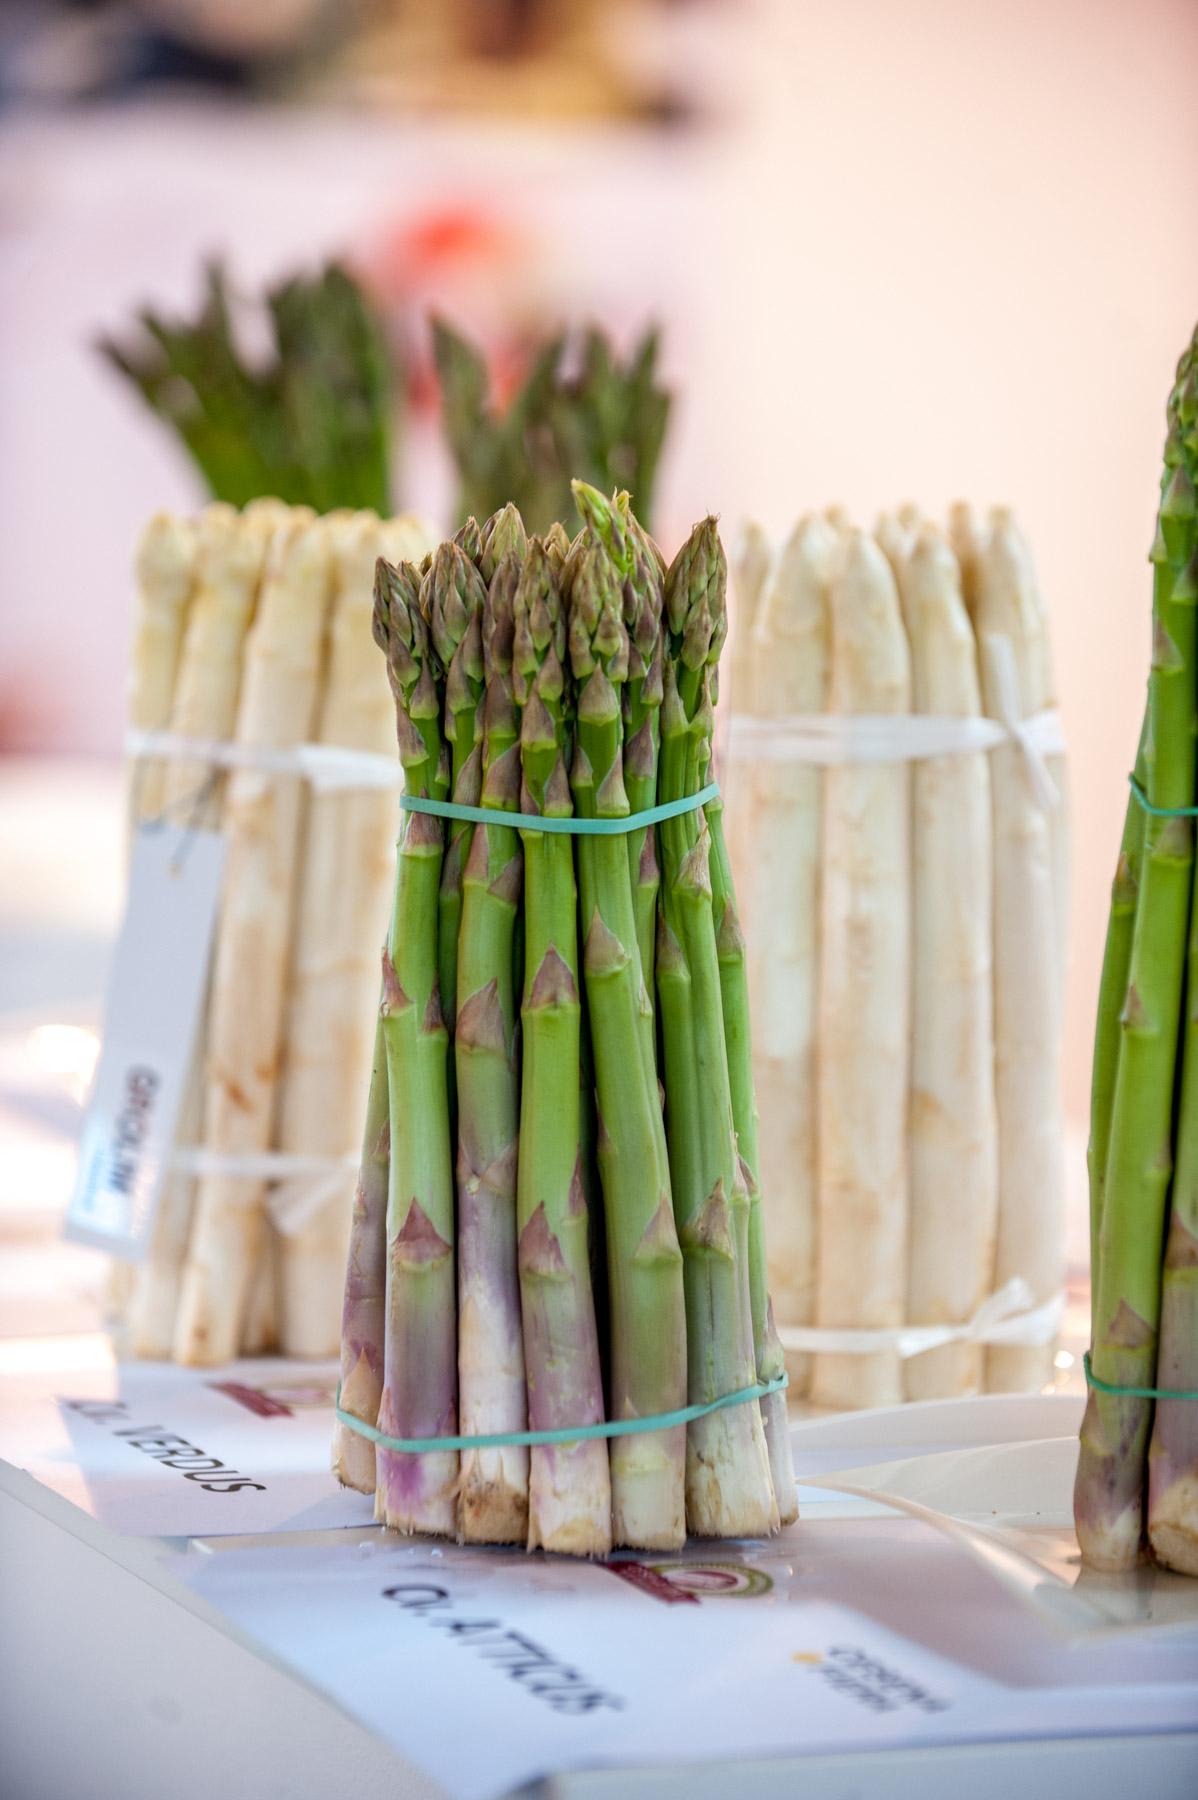 International Asparagus Days